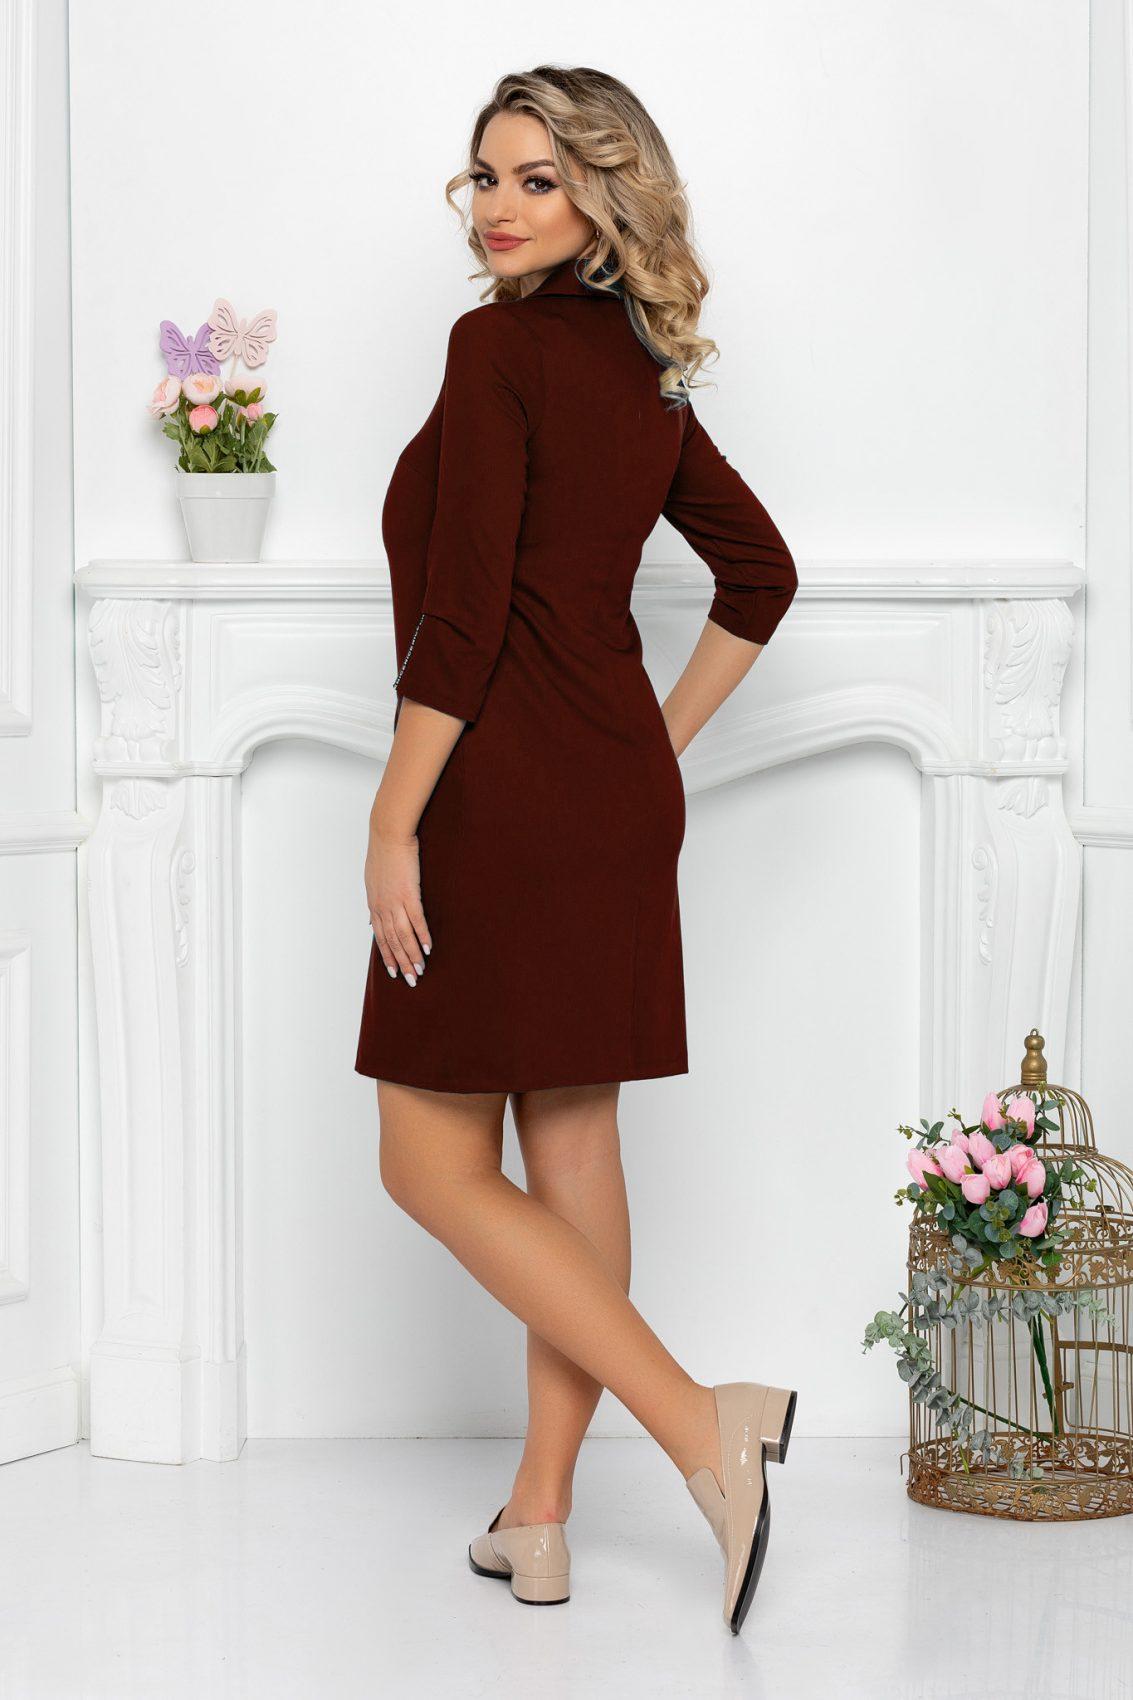 Καφέ Φόρεμα Με Τσέπες Aria 9480 2